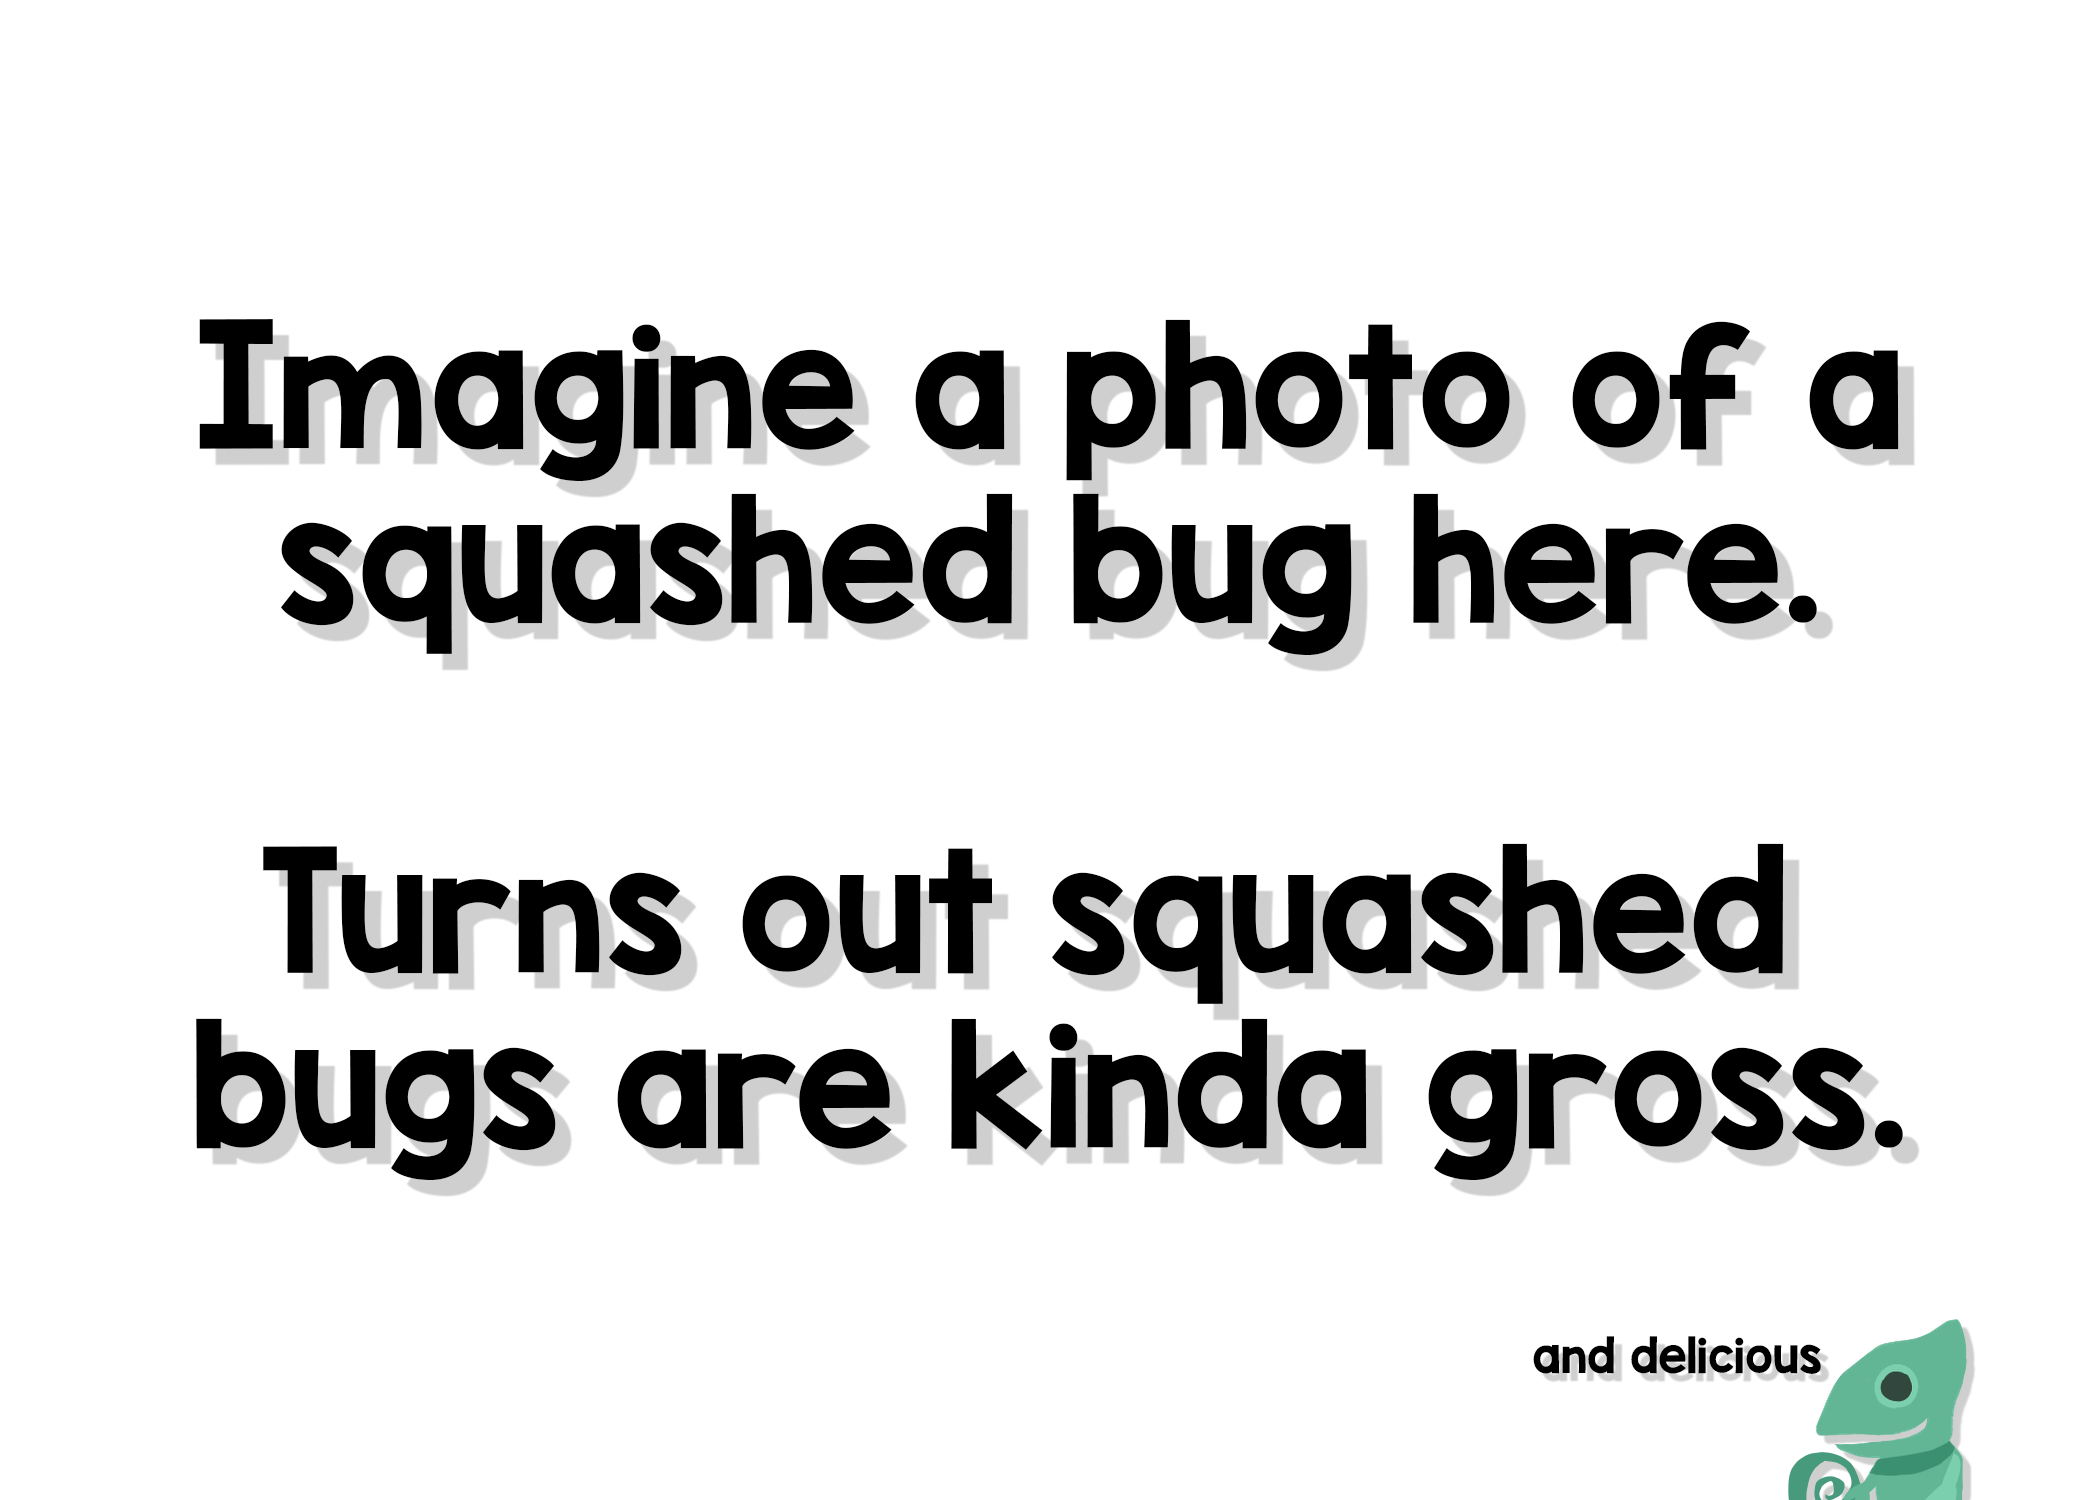 Mmm, bugs